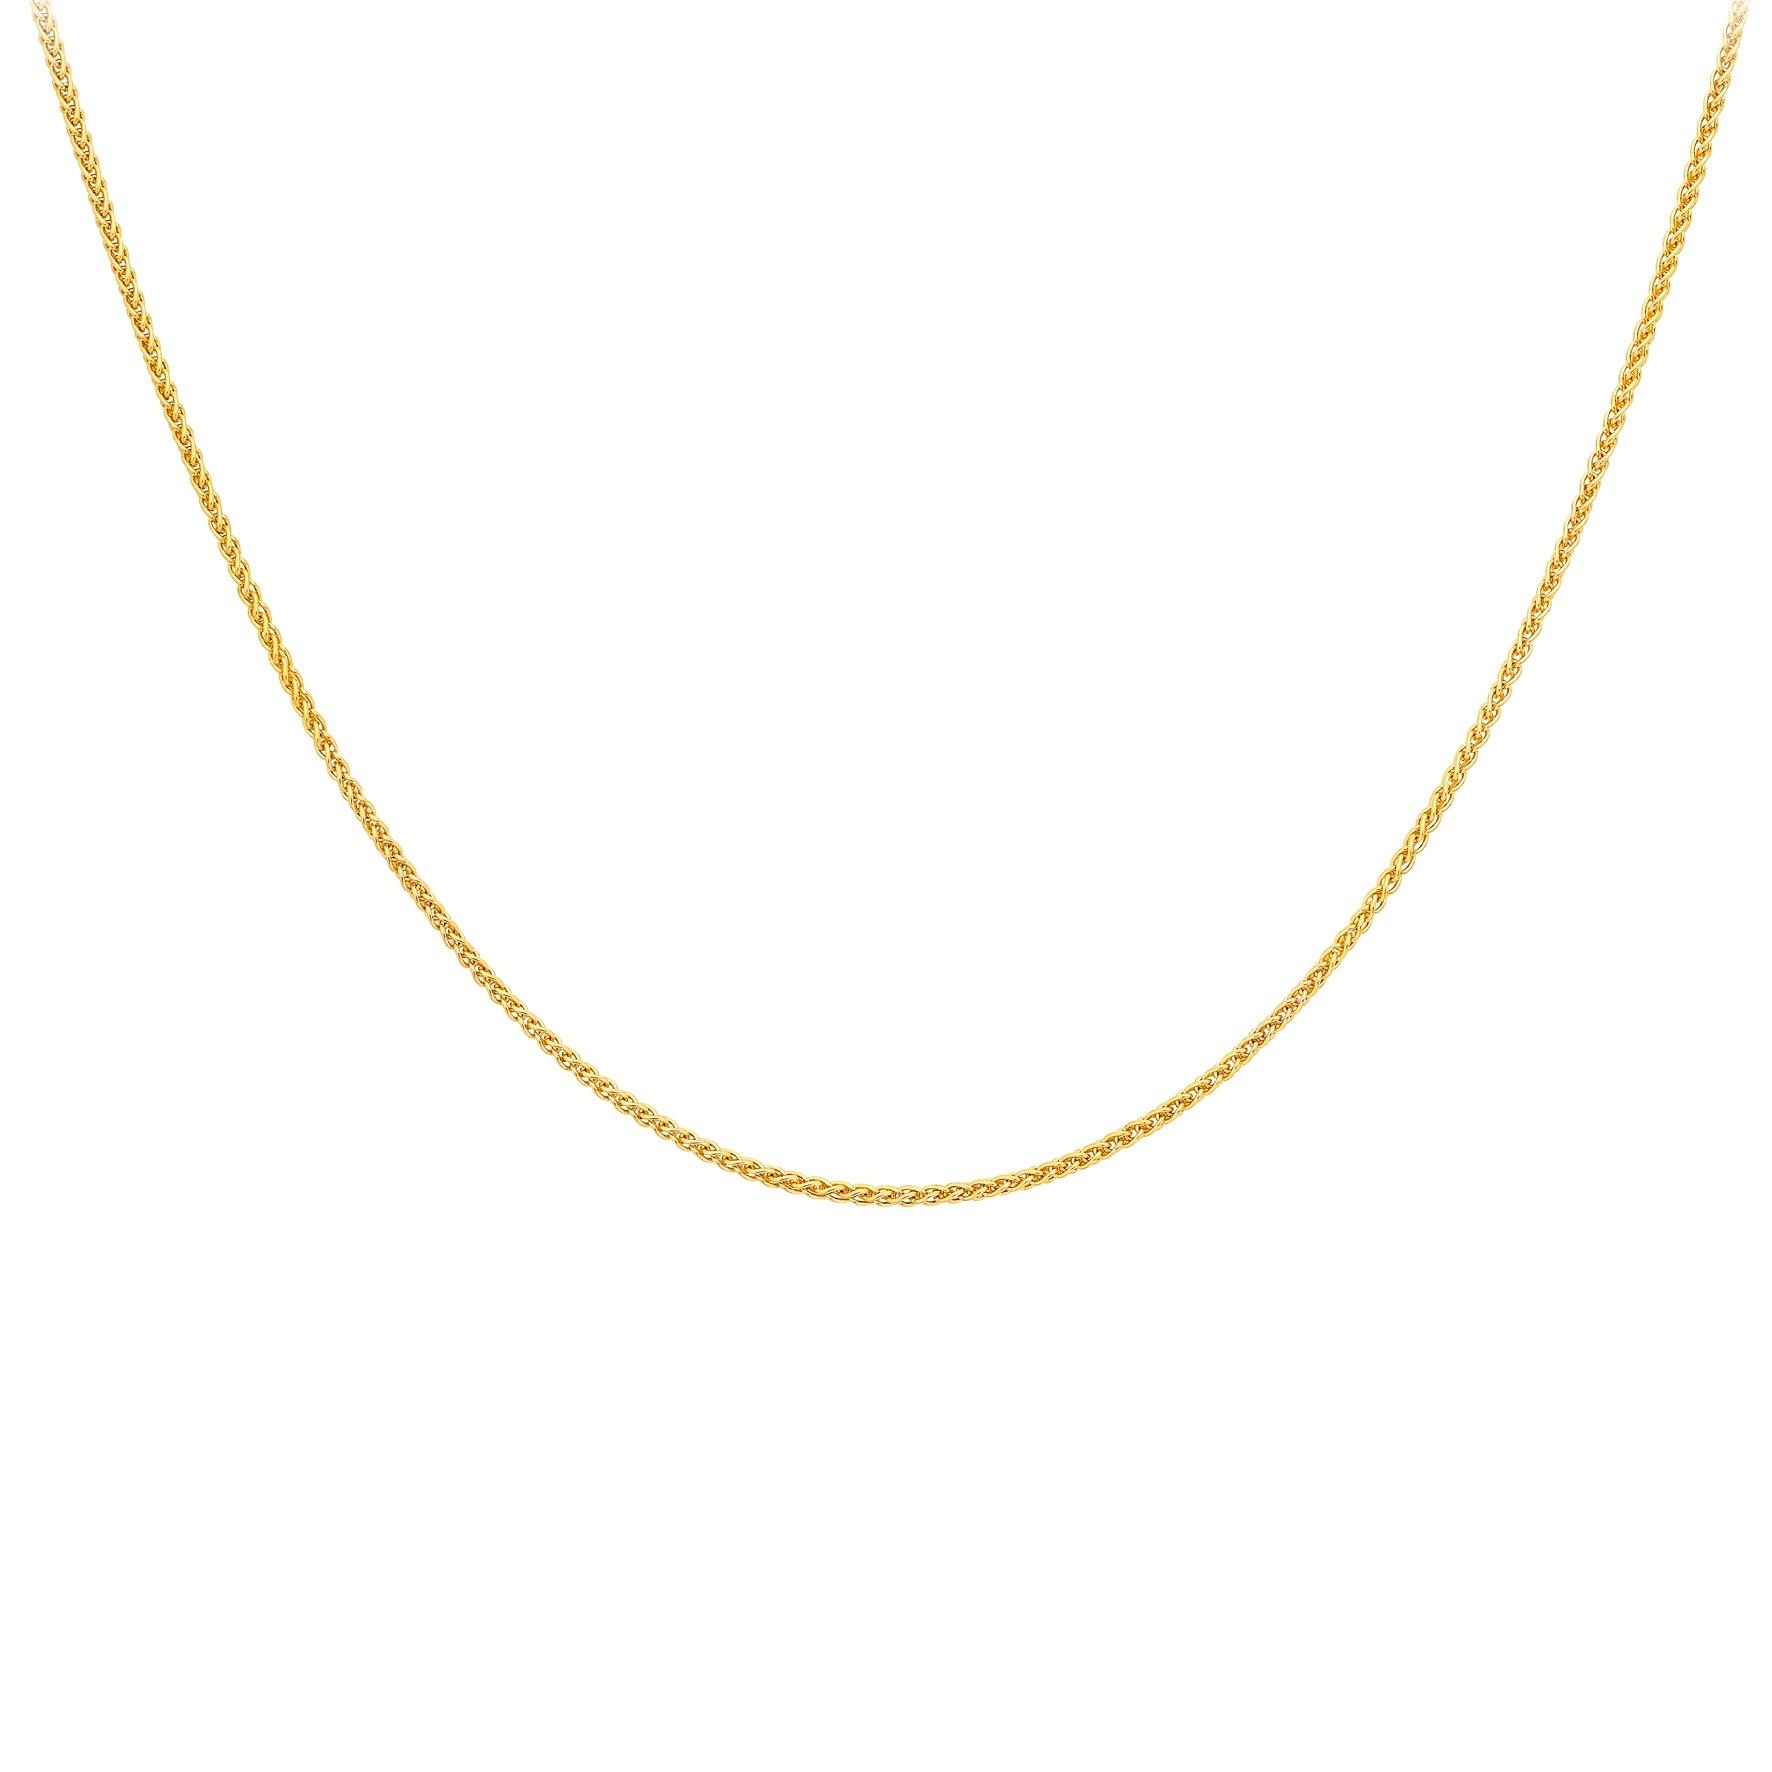 Halsband 9K Guld - Spigalänk 46 cm